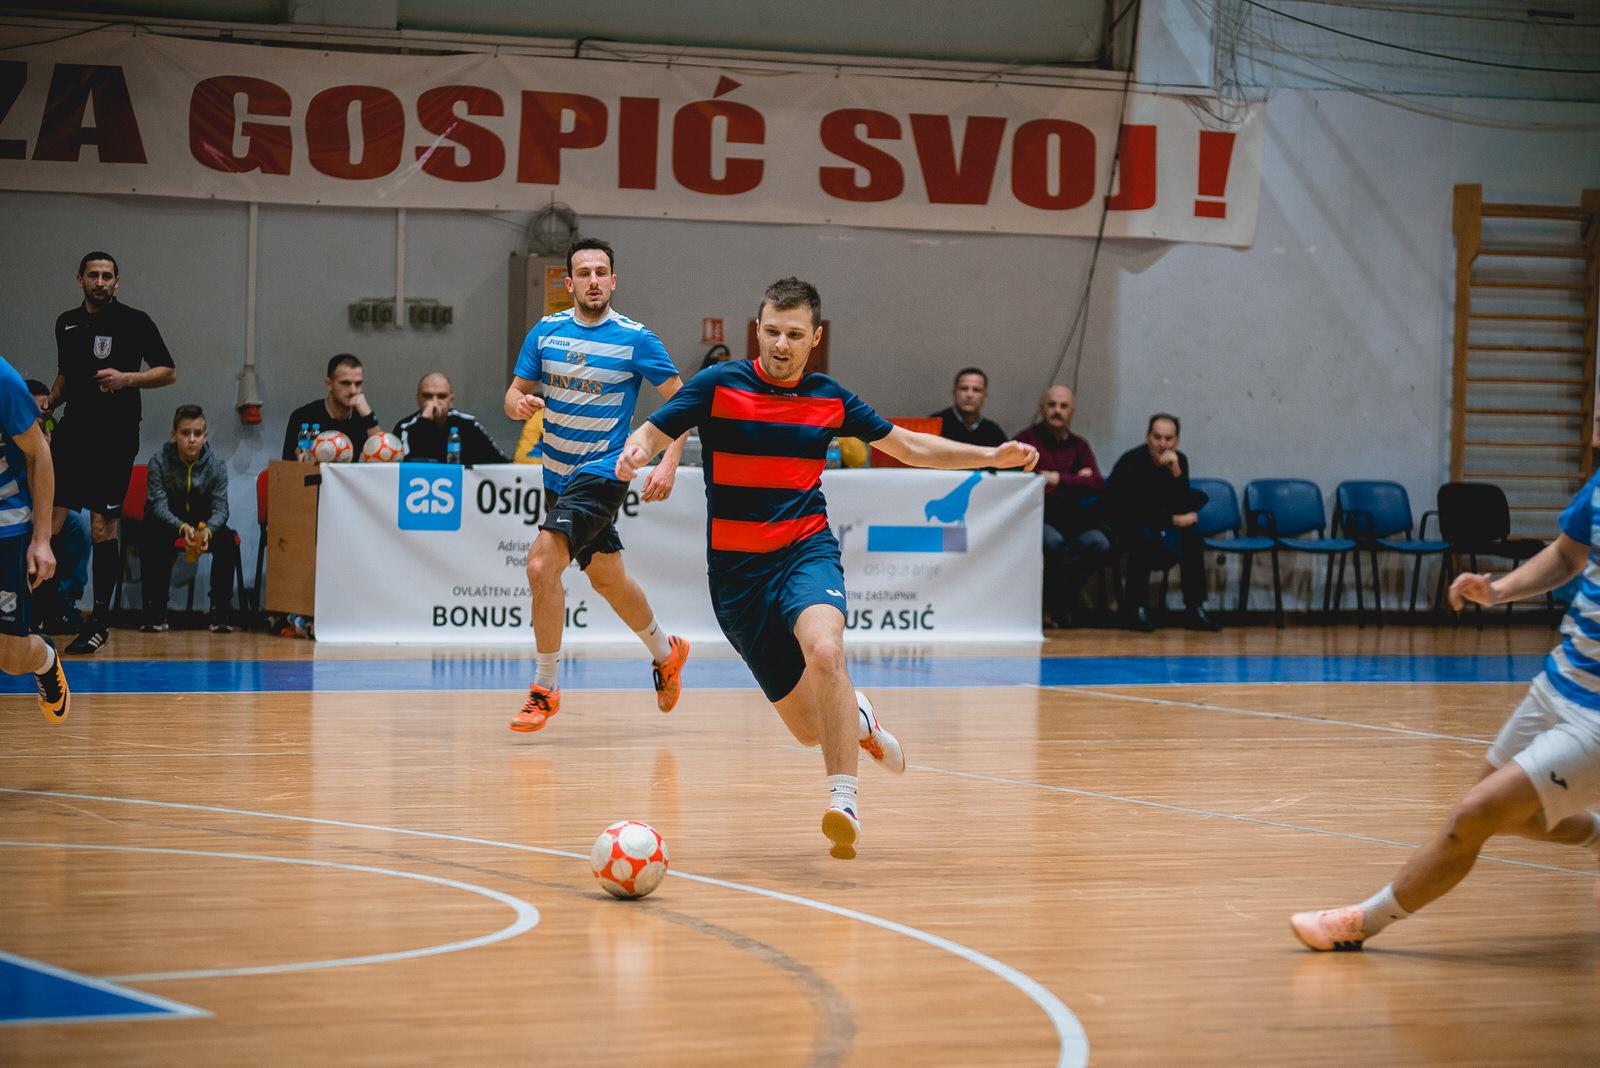 likaclub_gospić_zimski-malonogometni-turnir-2018-19-38